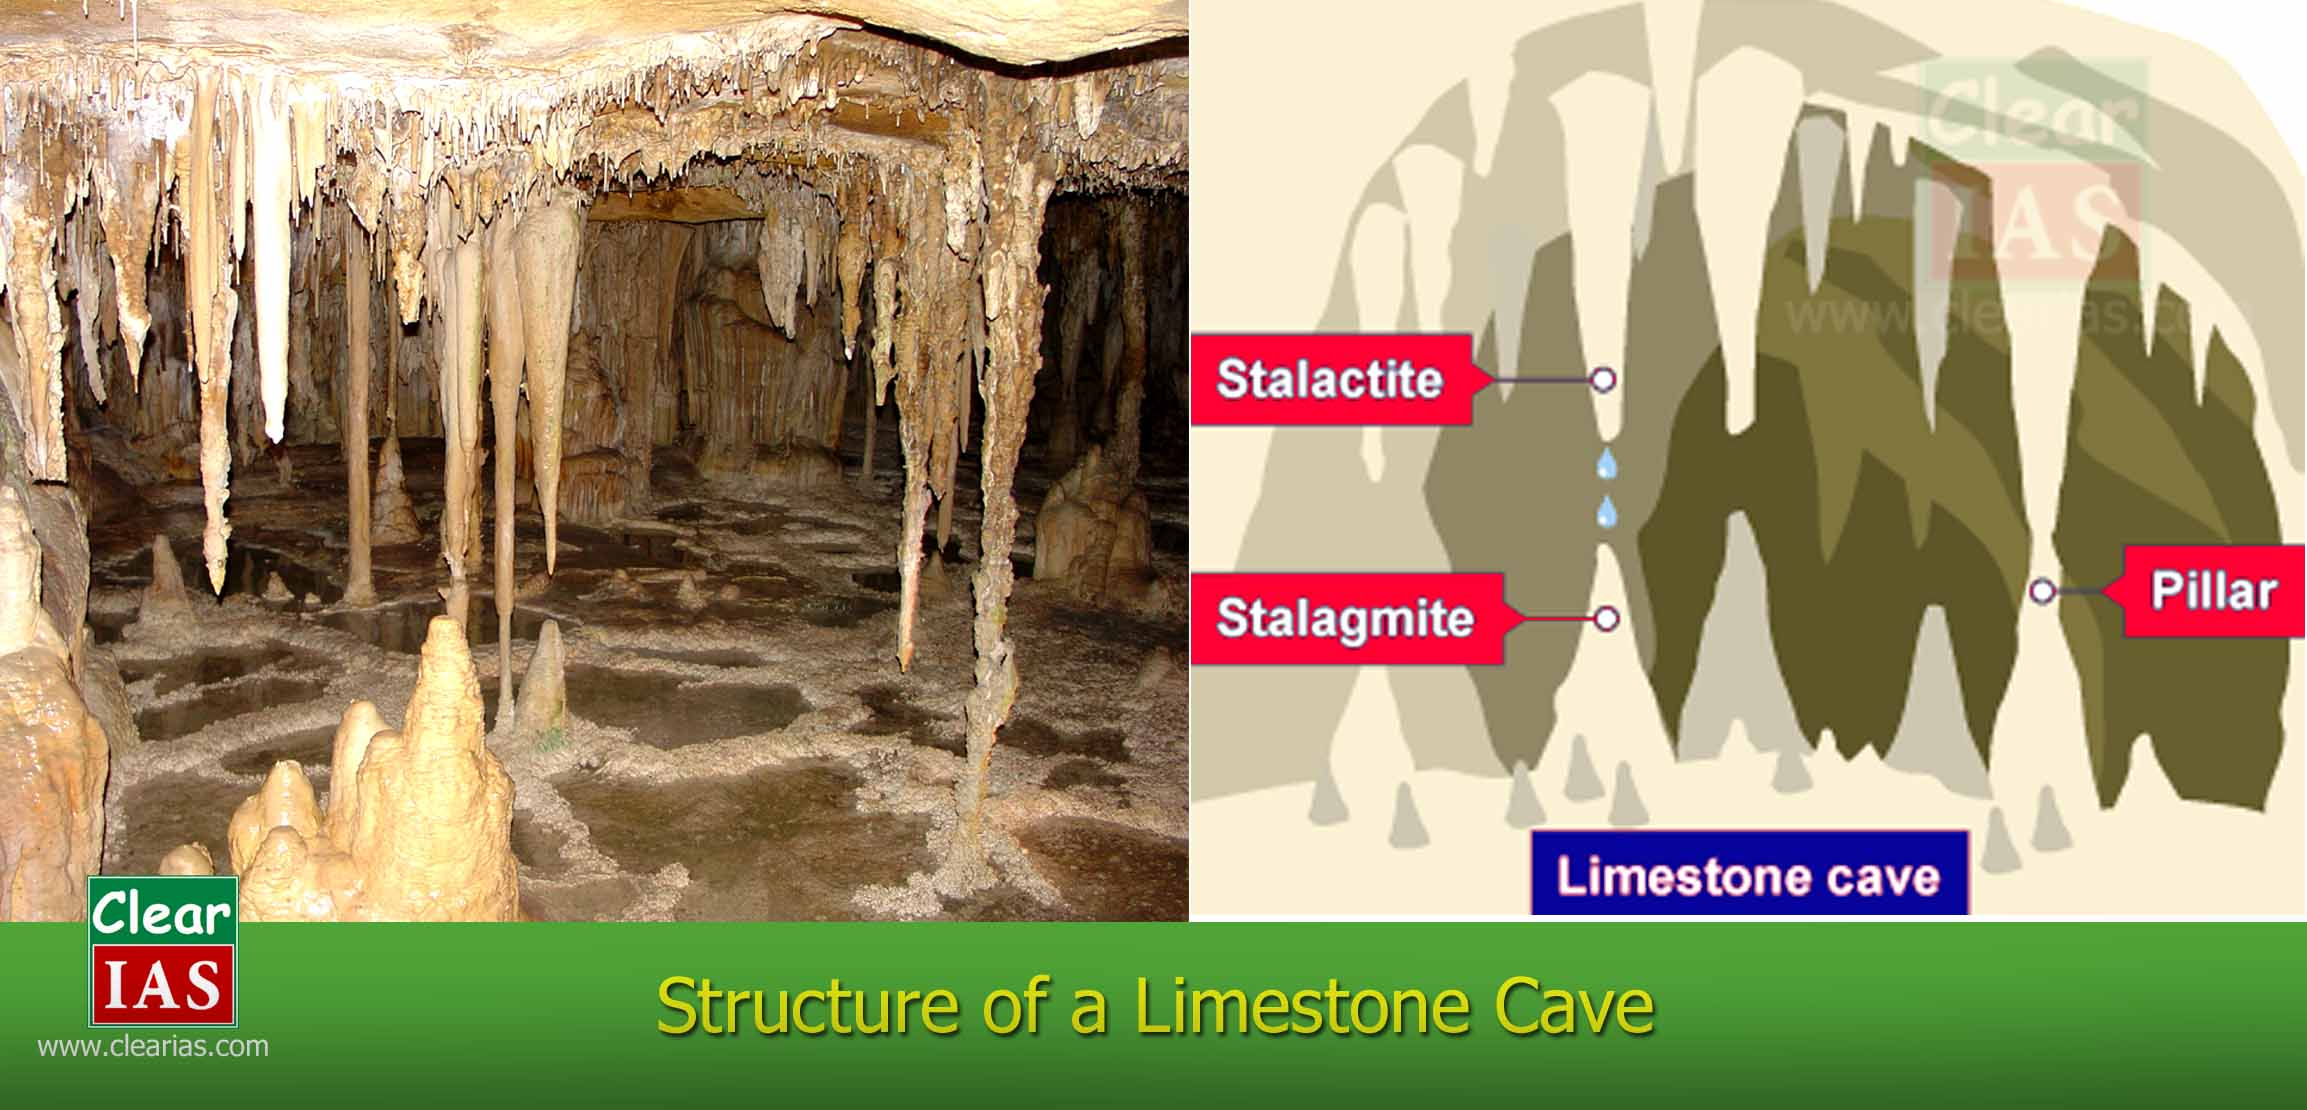 limestone caves- stalagmite-stalactite